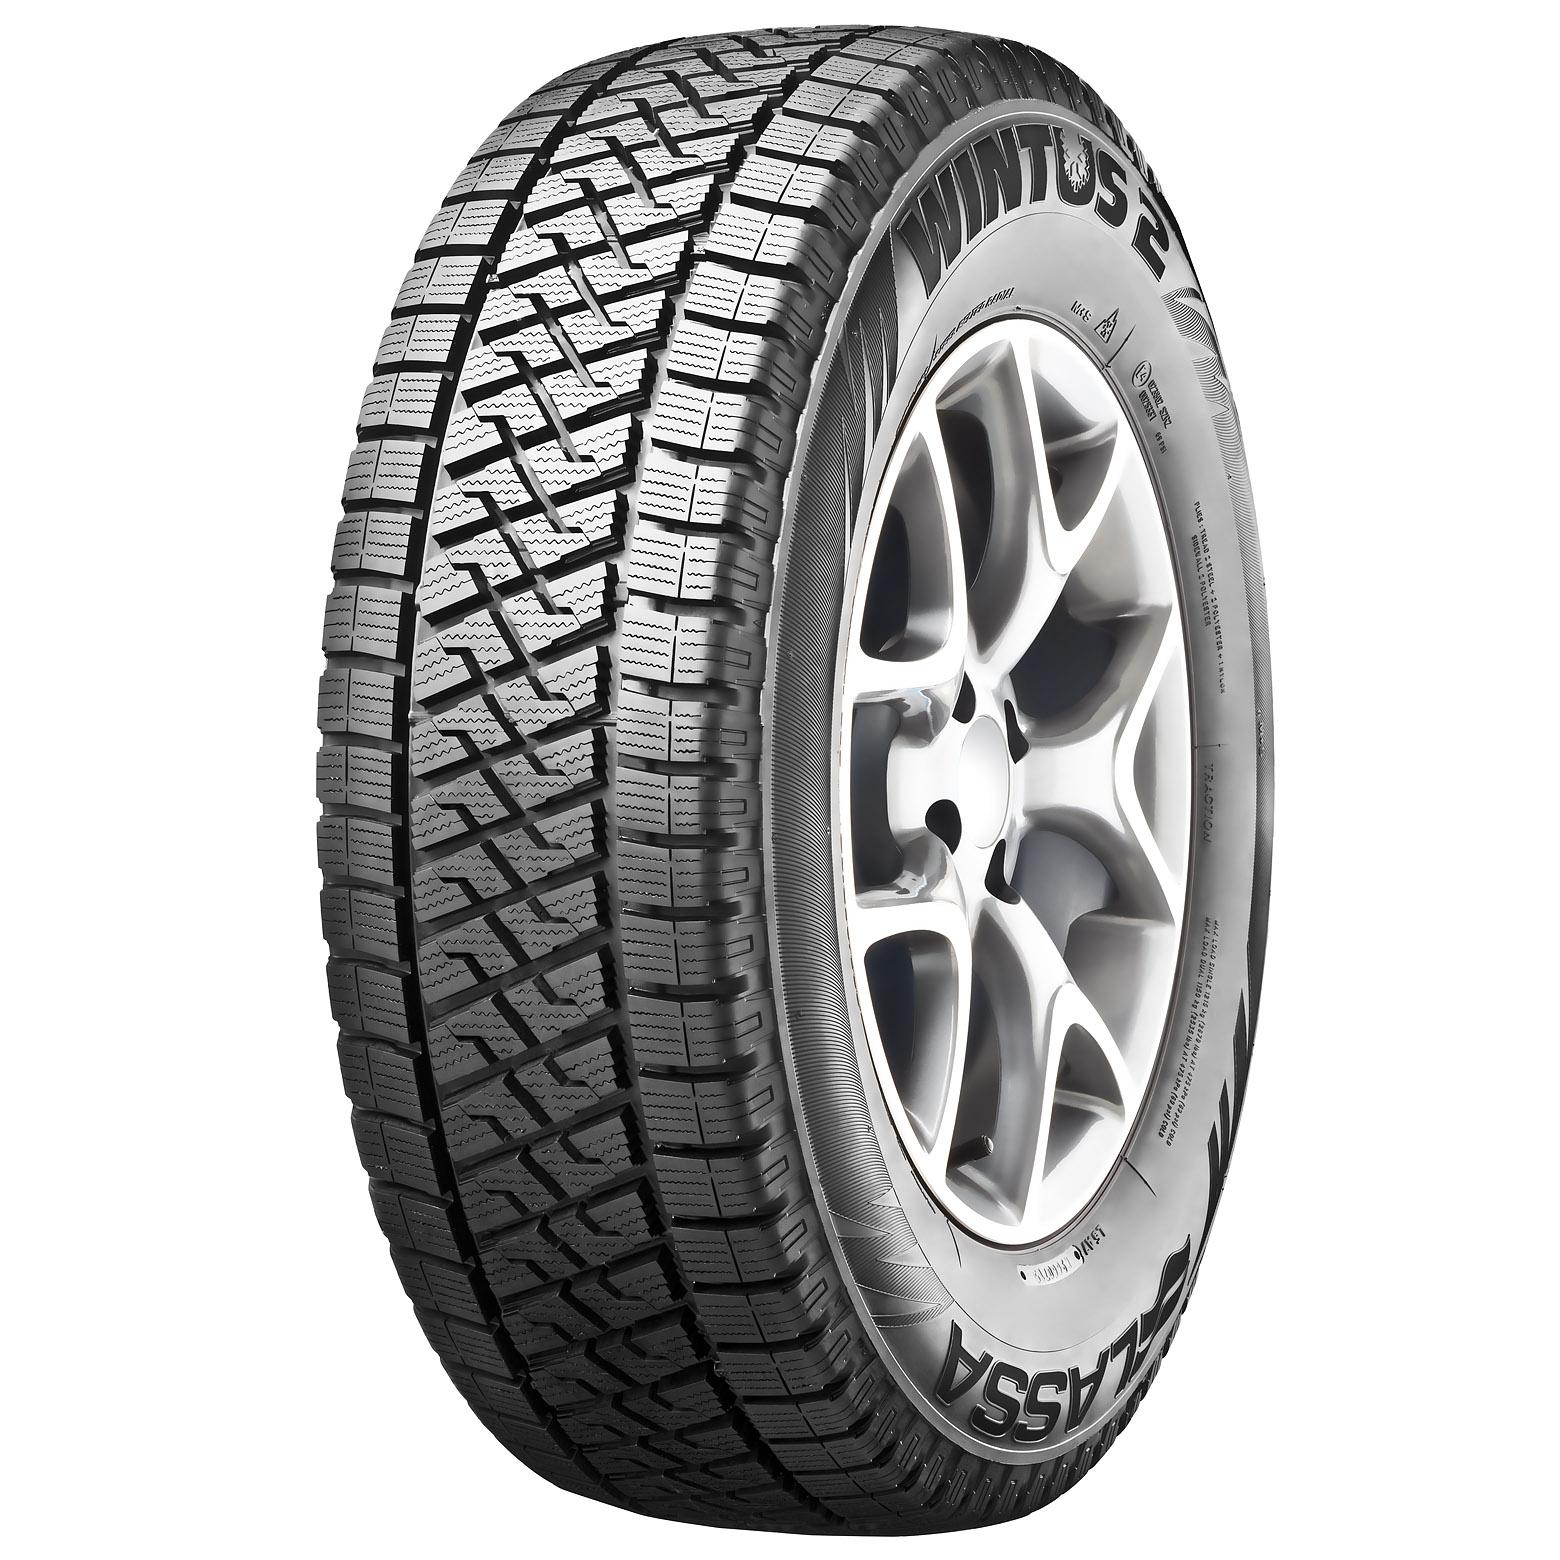 Neumático LASSA WINTUS 2 195/70R15 104 R